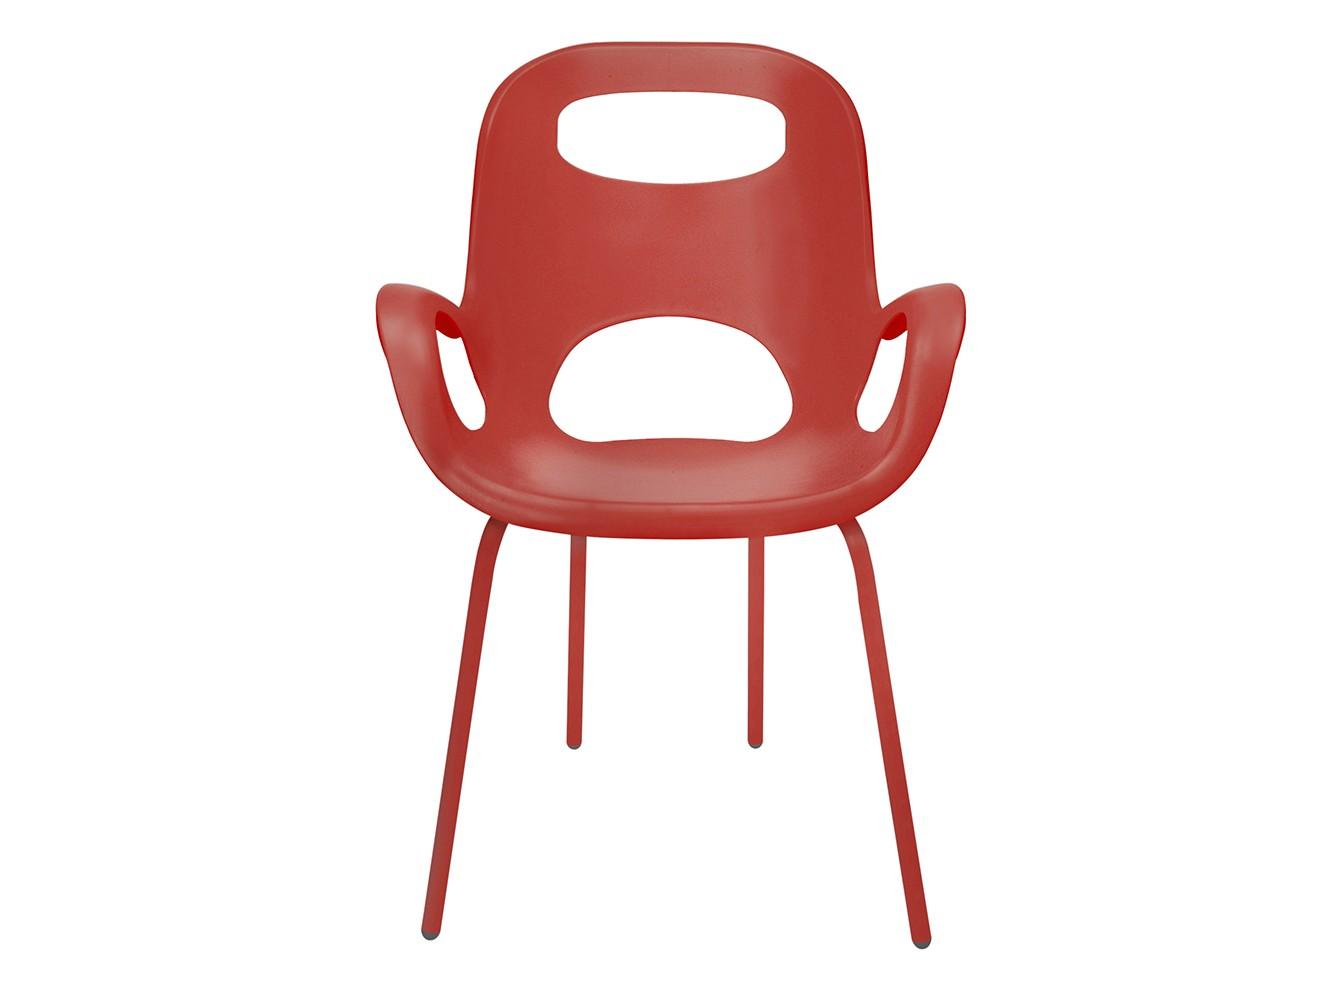 Стул Oh chairСтулья для сада<br>Новый цвет в серии знаменитых стульев от Карима Рашида — признанного гения промышленного дизайна. Выполнен в стиле, сочетающем черты классики и ретро-шика.<br>Сиденье из прочного полипропилена со специальным матовым покрытием  выдерживает до 136 кг. Ножки оснащены на концах нейлоновыми протекторами, которые защищают пол от царапин. Эргономичный дизайн обеспечивает комфорт и поддержку спины.<br><br>Material: Пластик<br>Width см: 64<br>Depth см: 60<br>Height см: 86,5